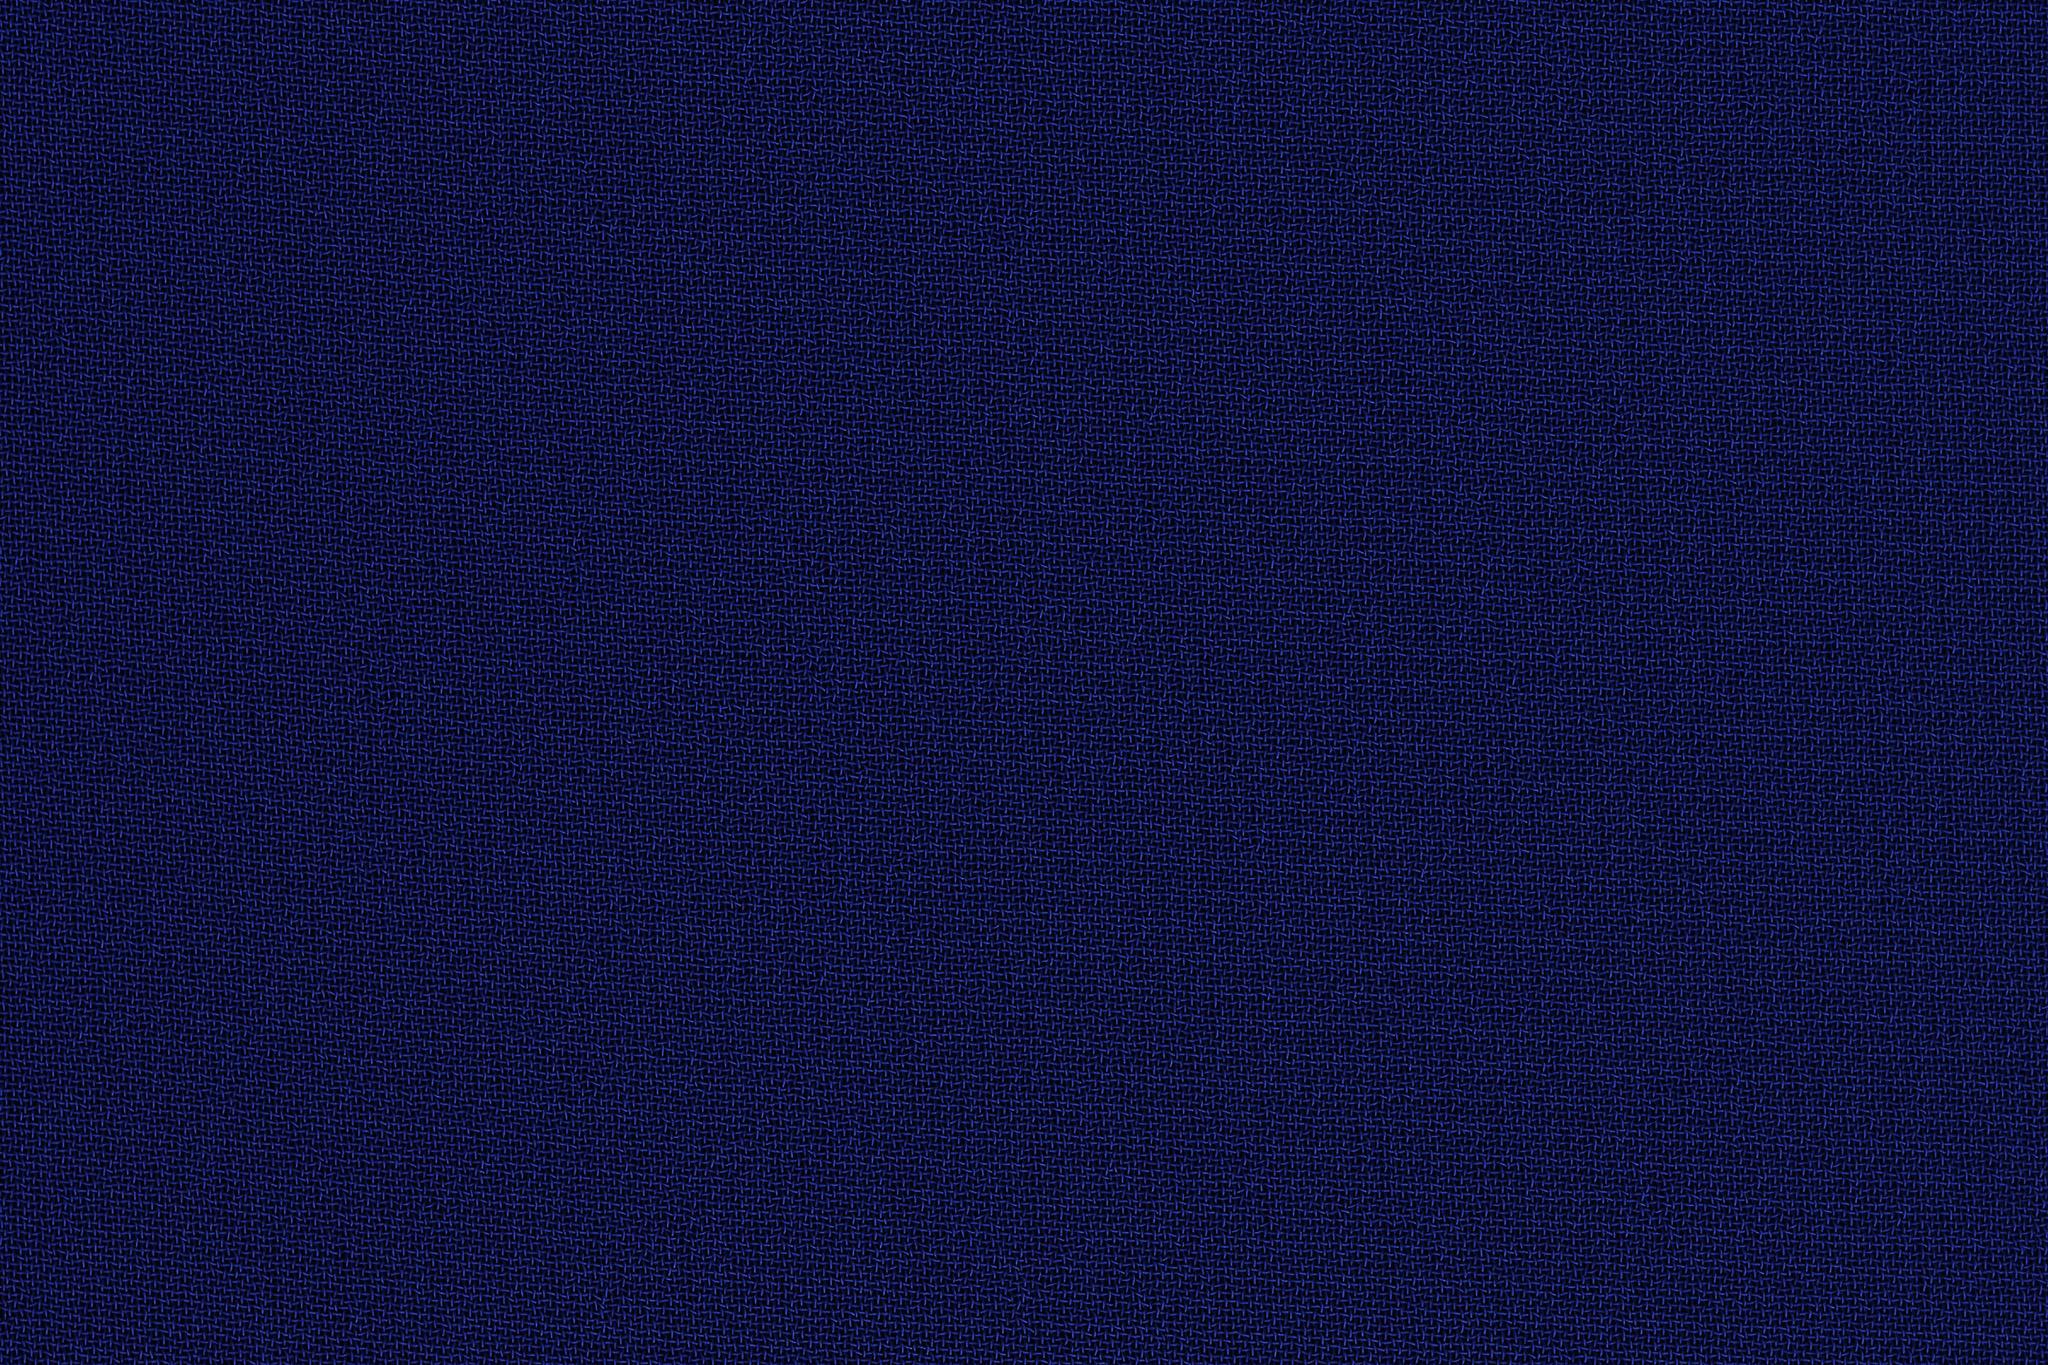 「綿とポリエステル素材の濃紺の布地」